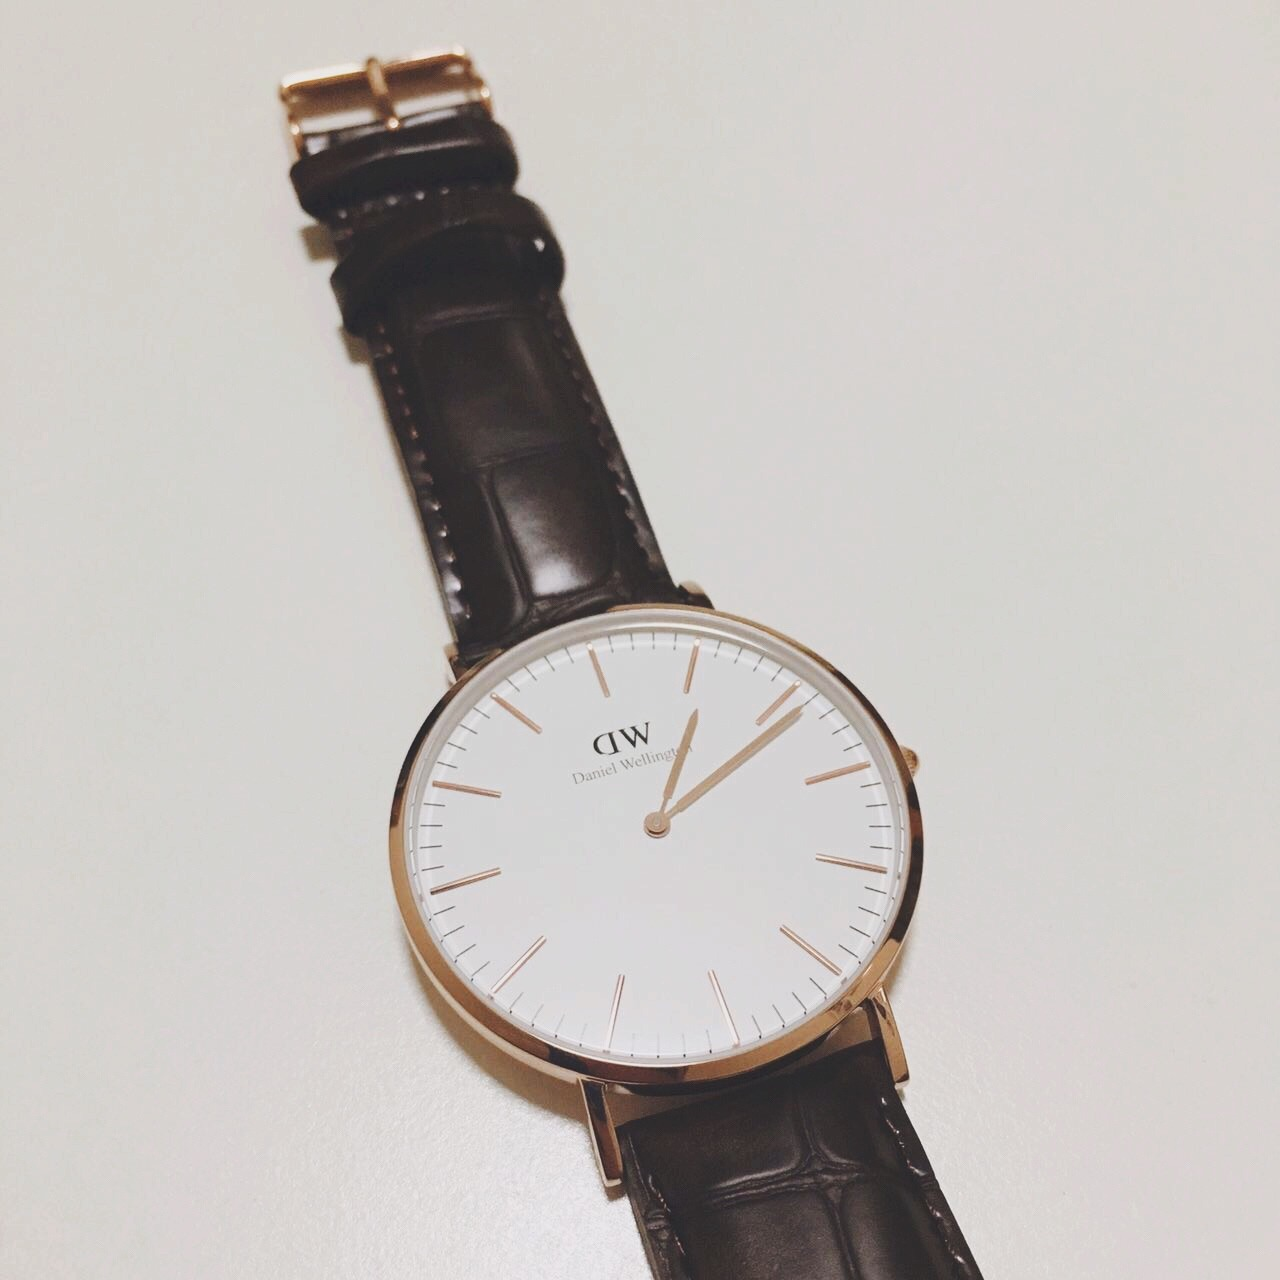 对DW心水好久了男票知道我喜欢 恰好碰上我生日 就送了给我当生日礼物他自己也买了一个刚好可以让我们两个戴情侣表我们挑了复古纹路的深棕色表带 手表收到之后真的没让我失望 很喜欢~简约的设计让手表看起来真的很高端大气 而且超级百搭的冬天来了带皮表最合适了 等夏天就换一条很英伦风的布带表带皮表带刚拿到的时候是会有一点点硬 带多几下就好啦真的棒棒嗒~ 平价百搭@薯队长 让我上个精选吧